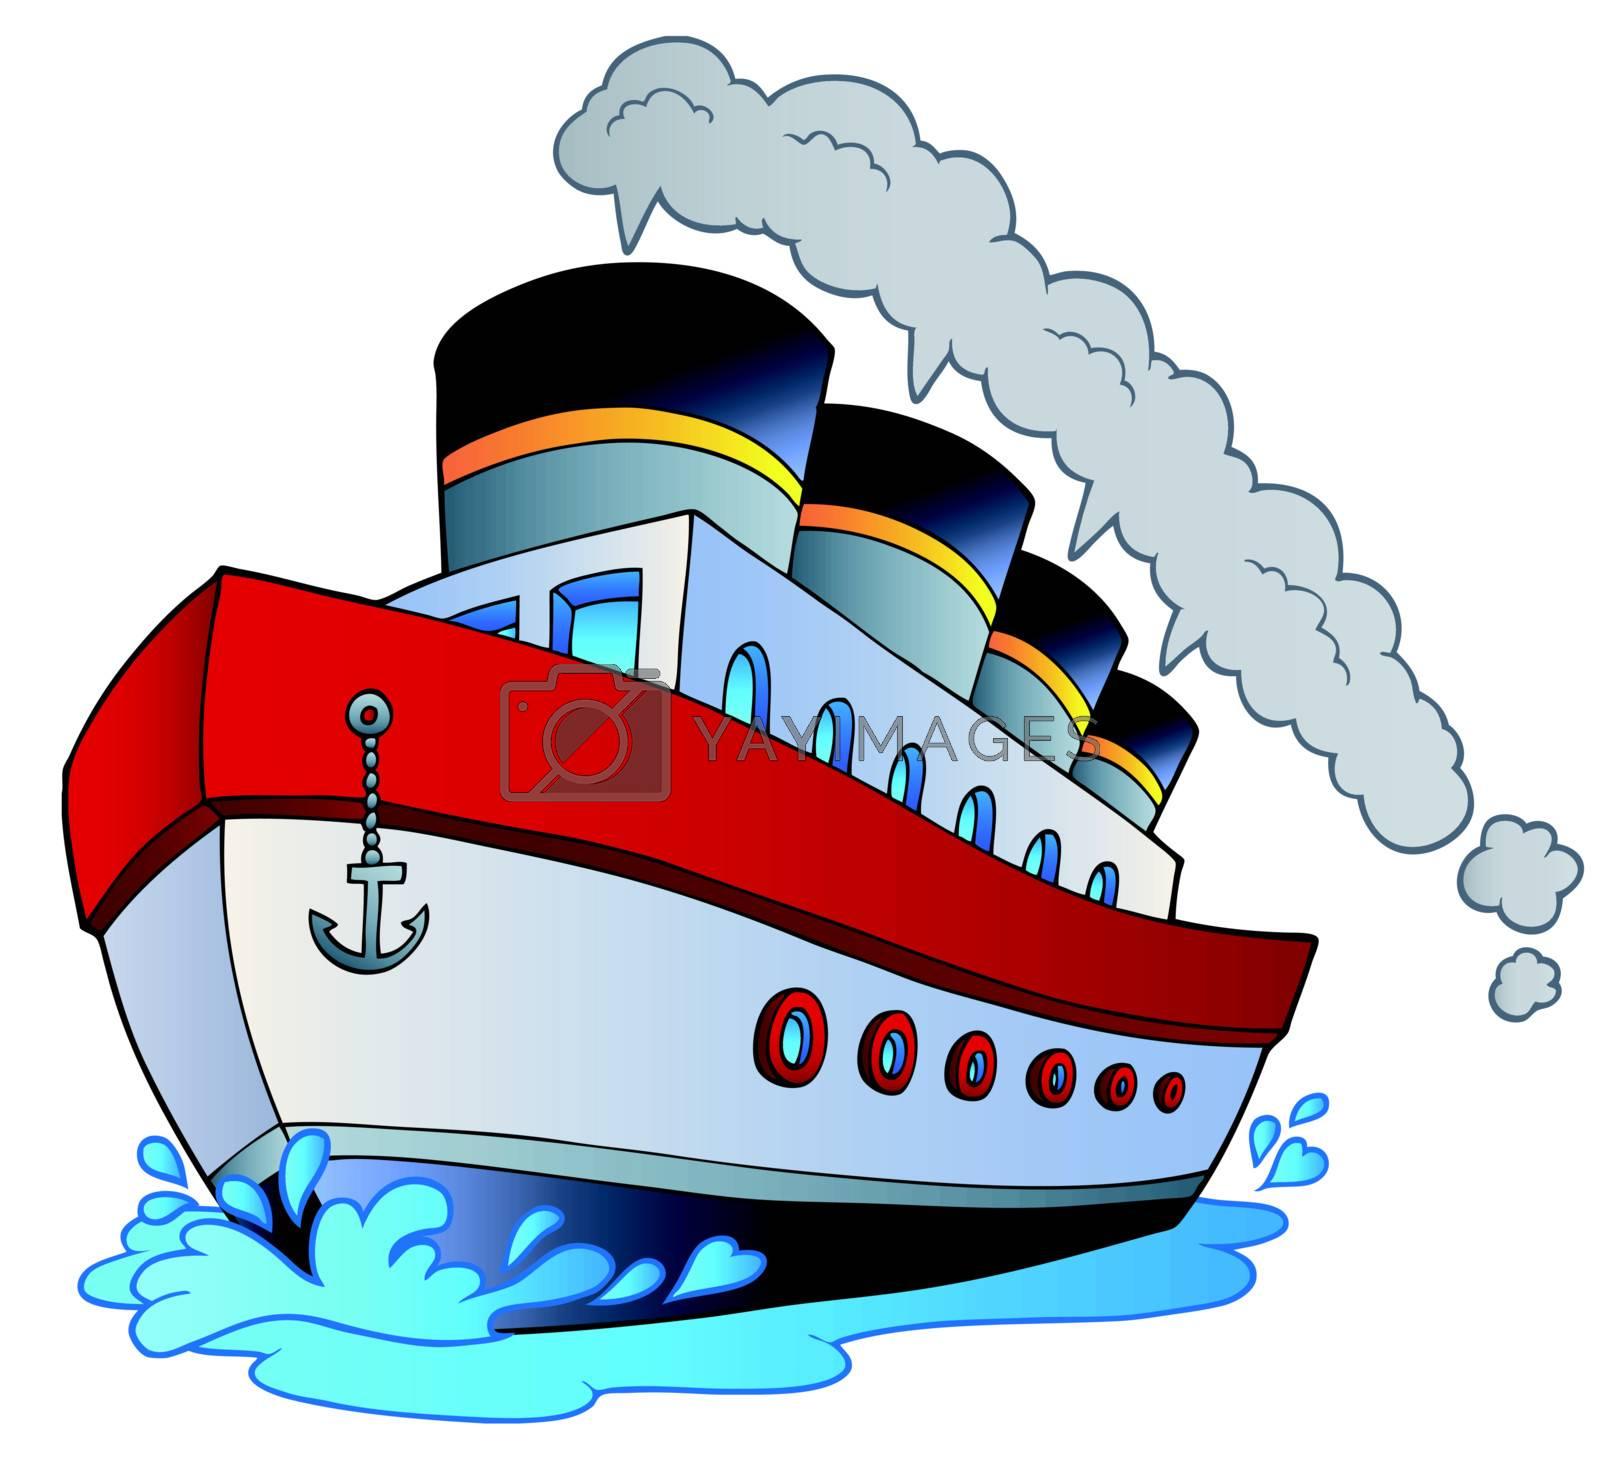 Big cartoon steamship by clairev